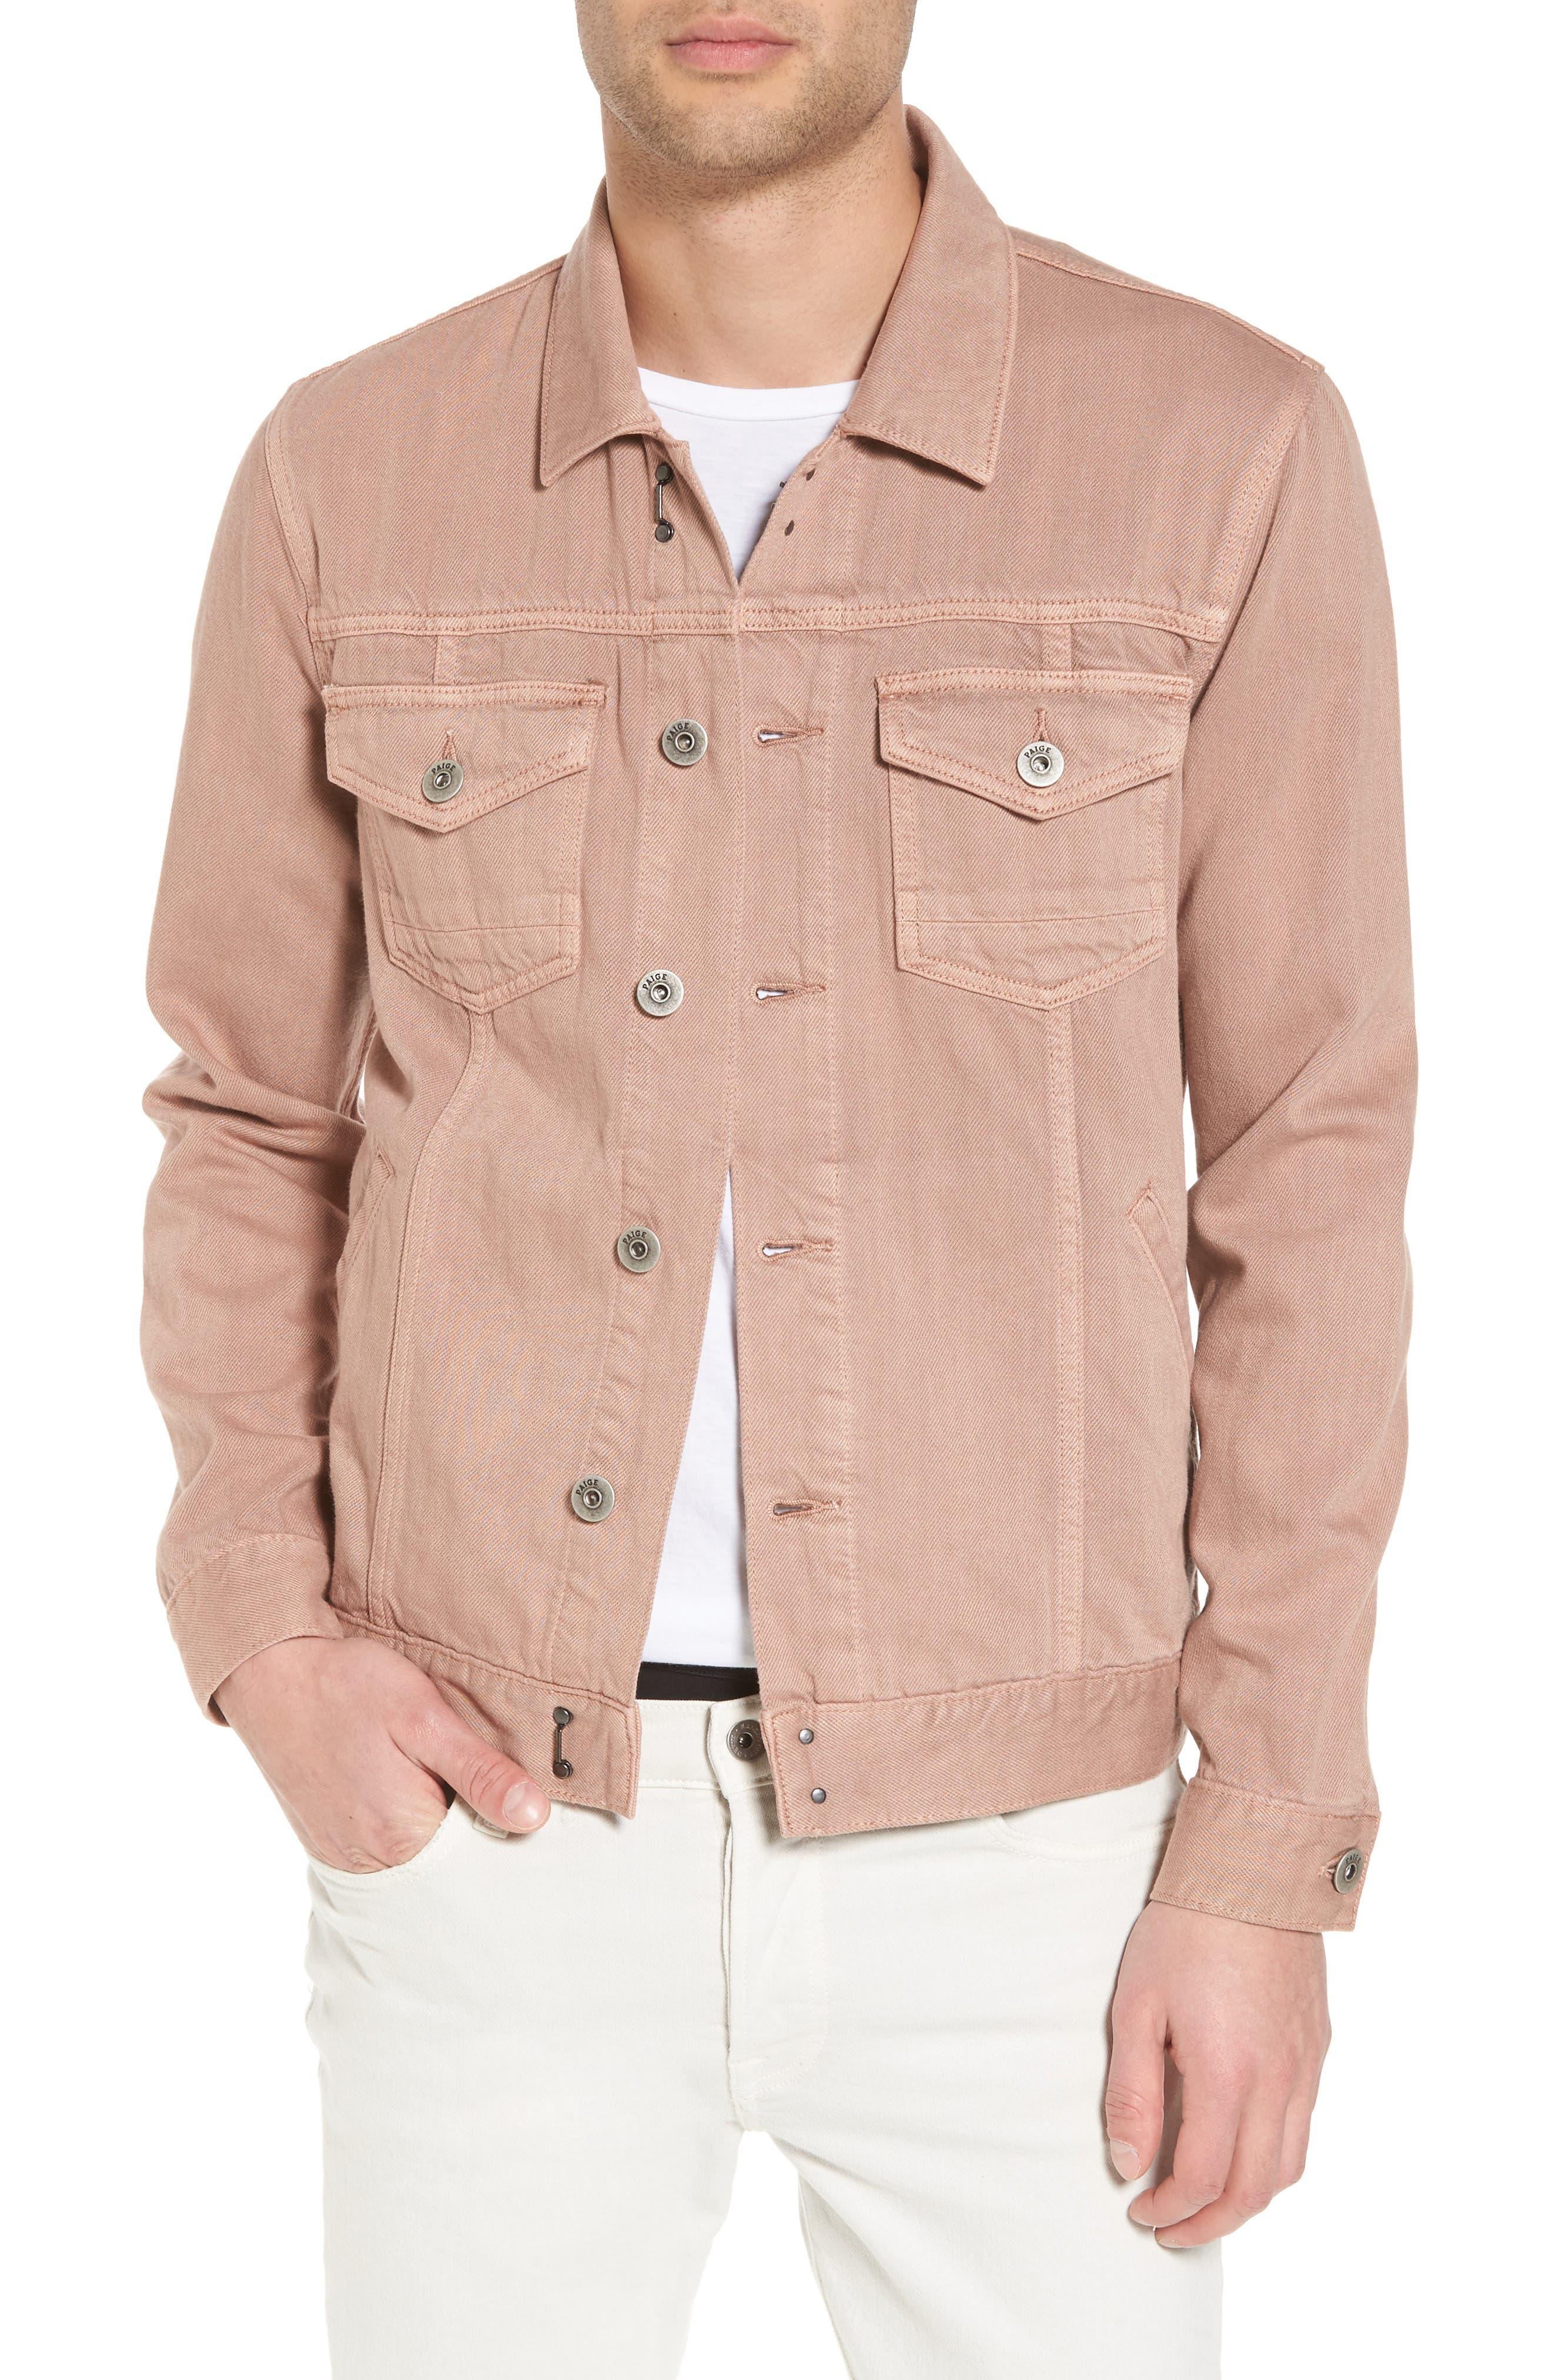 Scout Denim Jacket,                             Main thumbnail 1, color,                             VINTAGE DUSTY ROSE